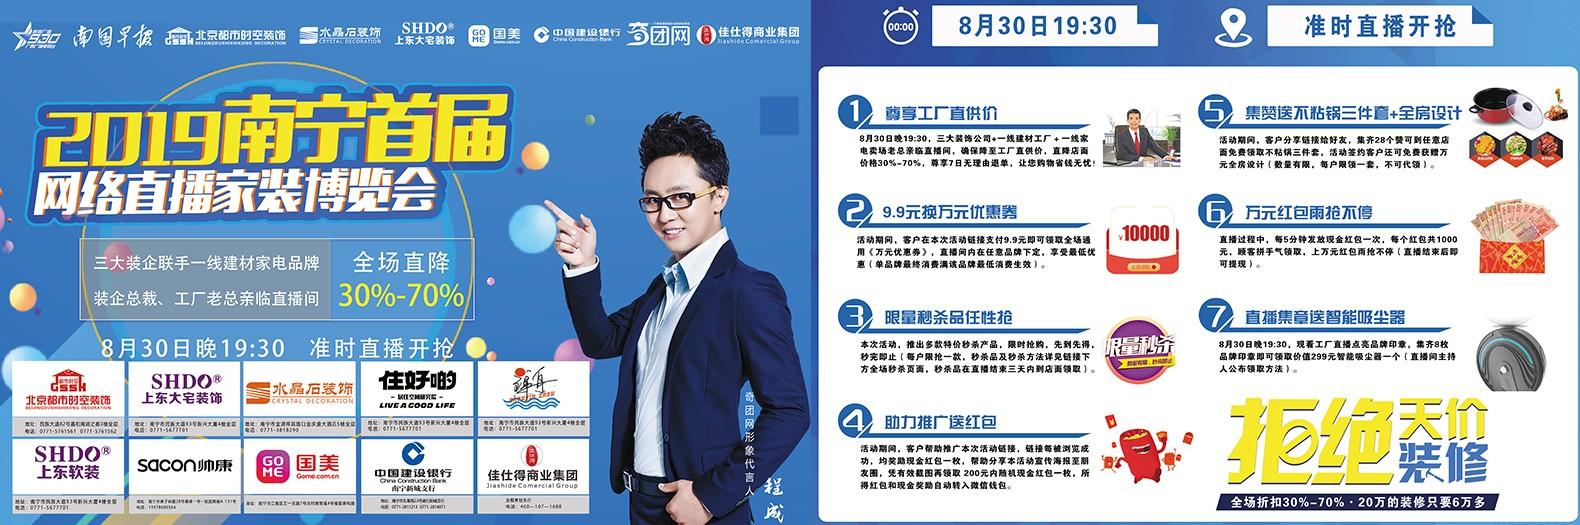 2019年南宁首届网络直播家装博览会